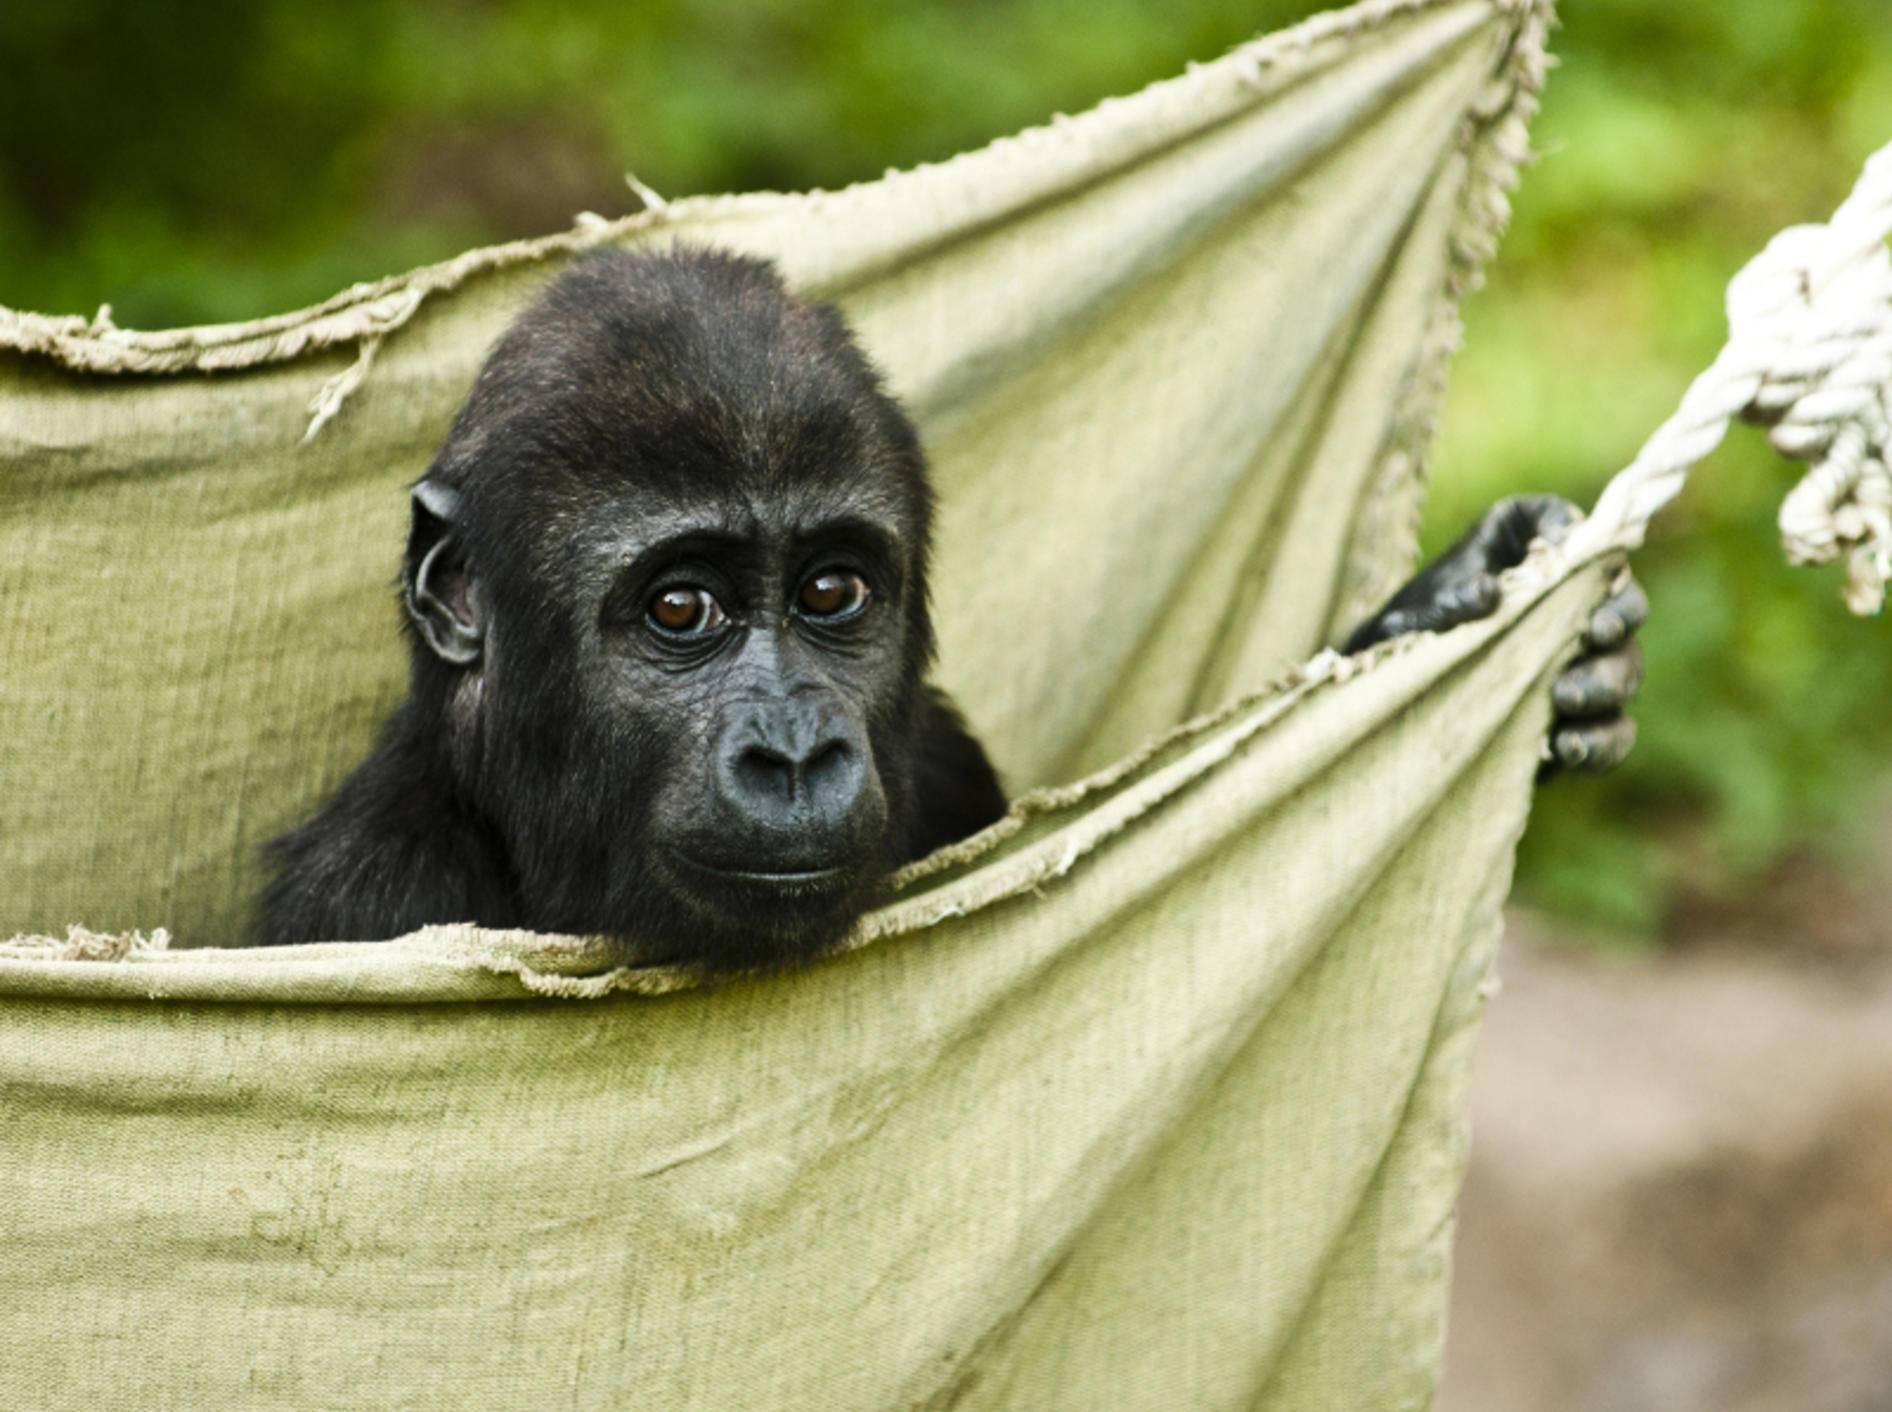 """""""Hallöchen! Ich bin ein Gorillababy. Bin ich nicht total niedlich?"""" – Bild: Shutterstock / Chelmicki"""